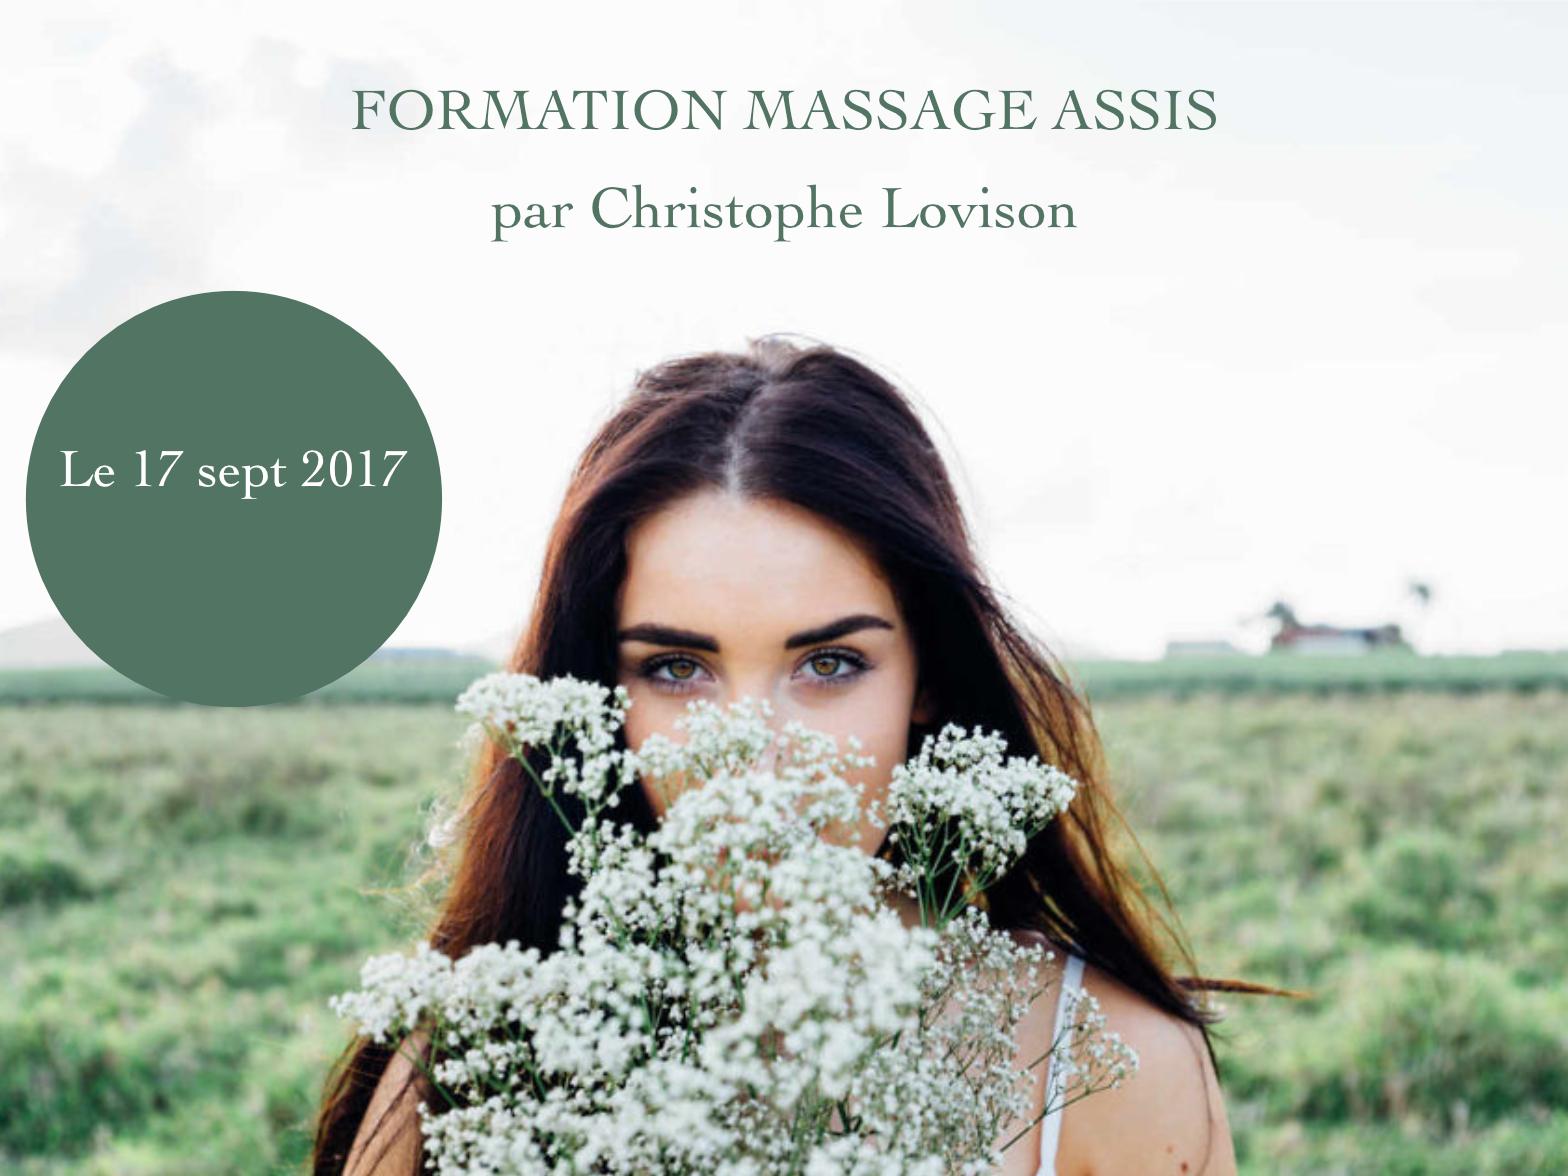 Formation massage assis sept 2017 - Être Soi